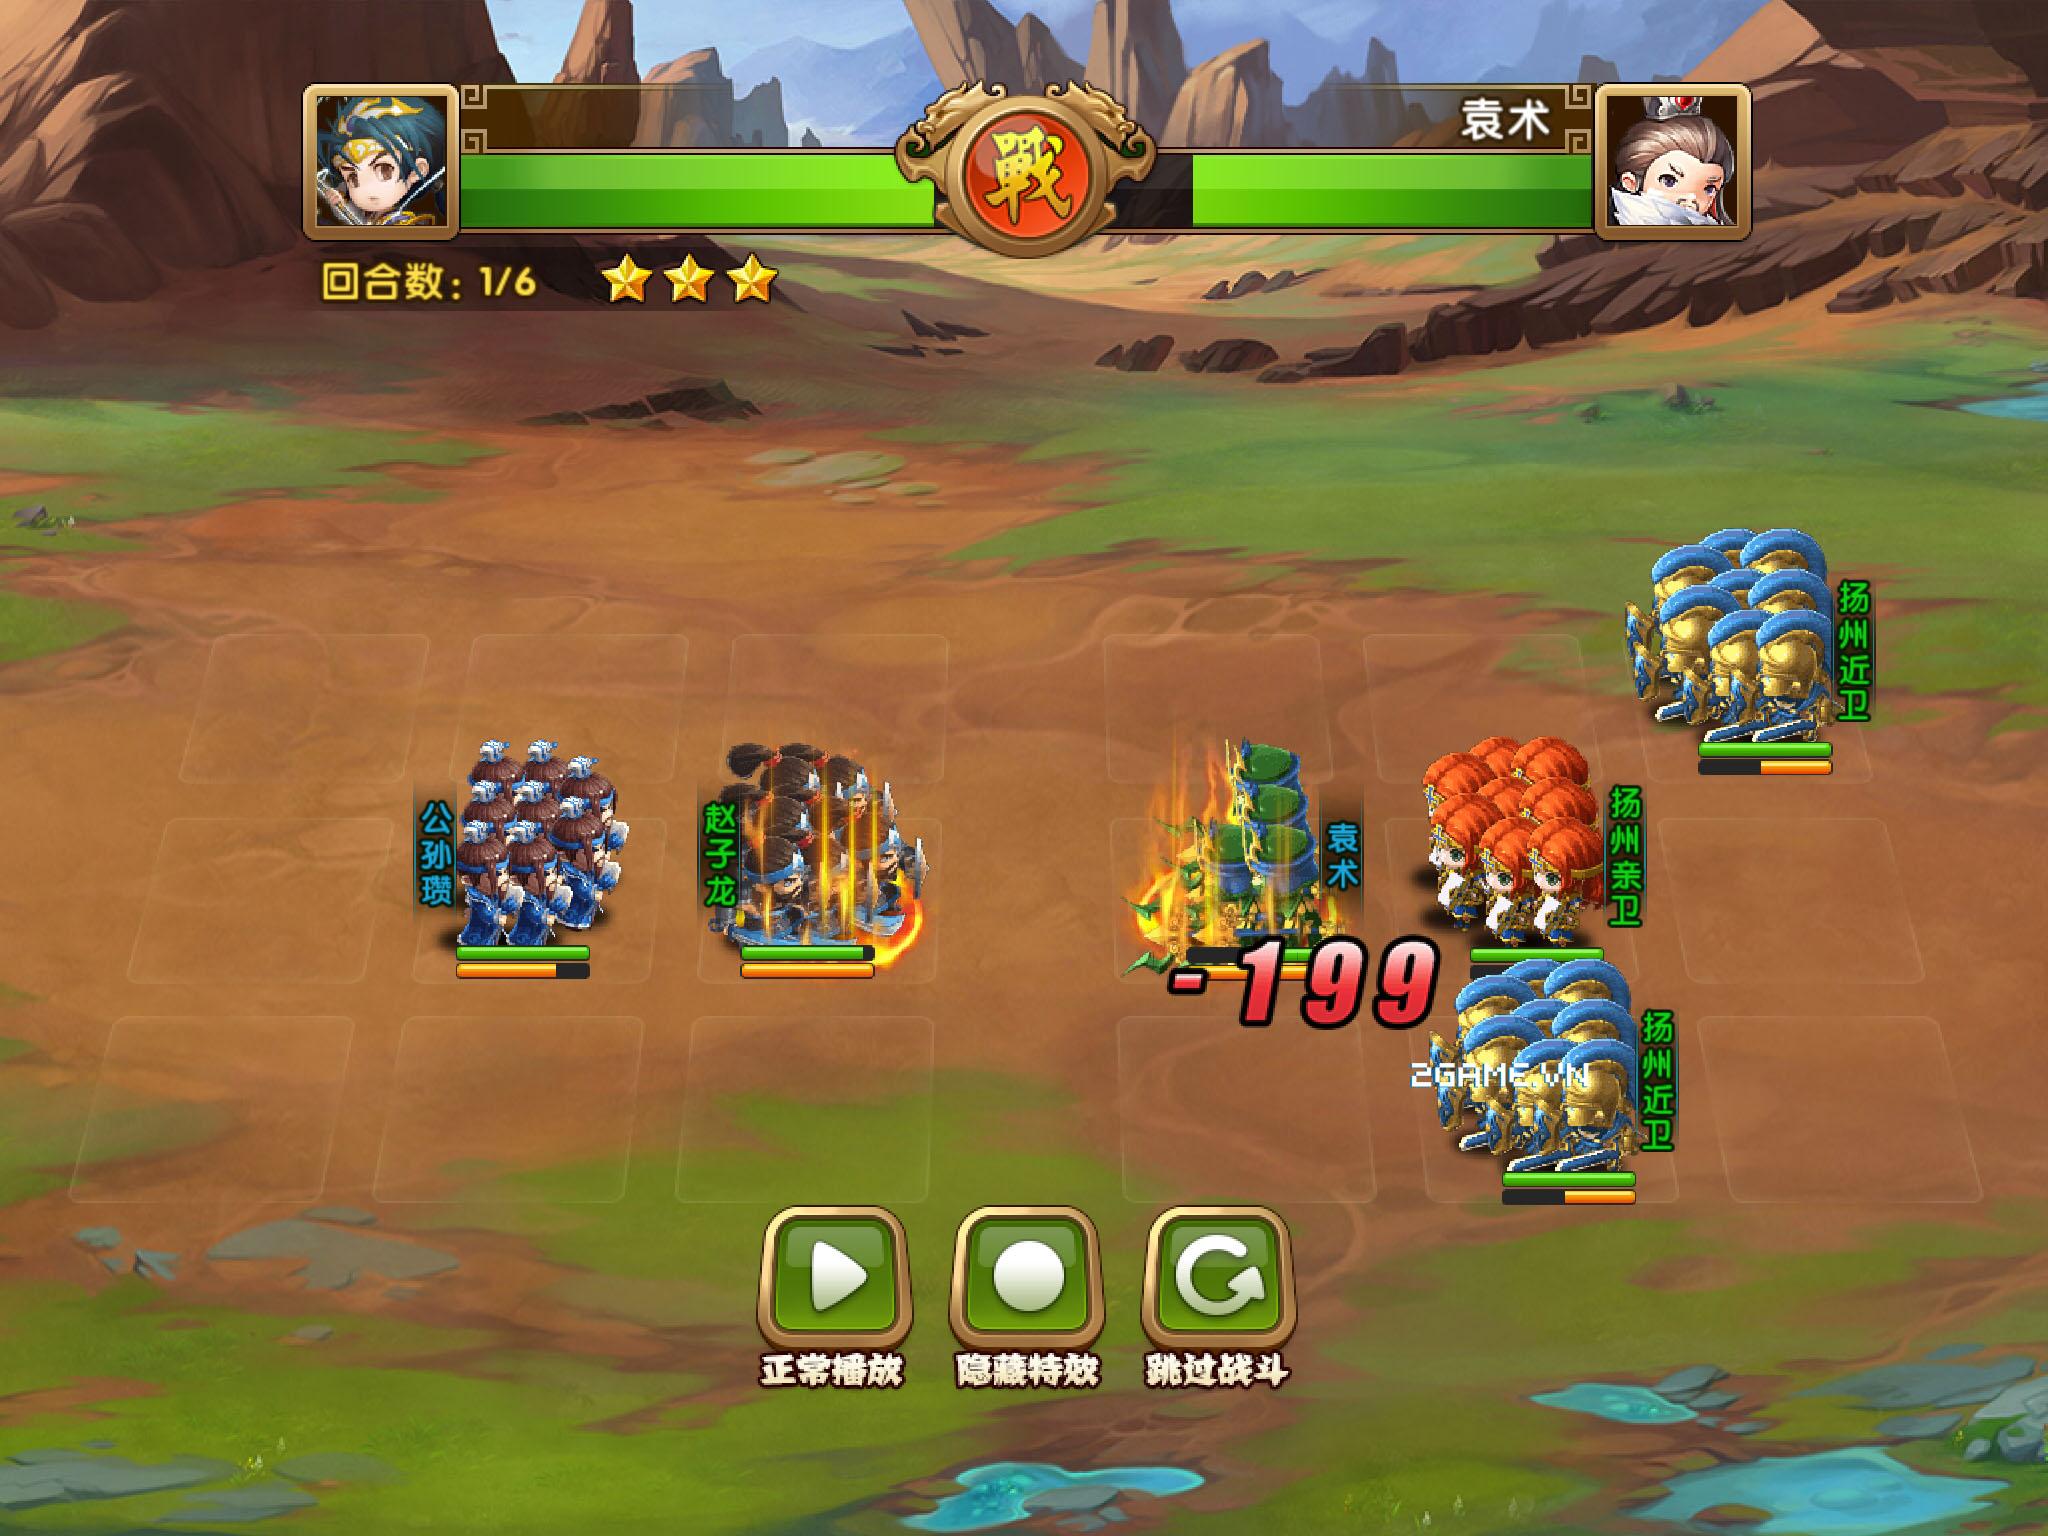 Ngọc Rồng Tam Quốc - Khi sử 3Q kết hợp cùng Dragon Ball 12